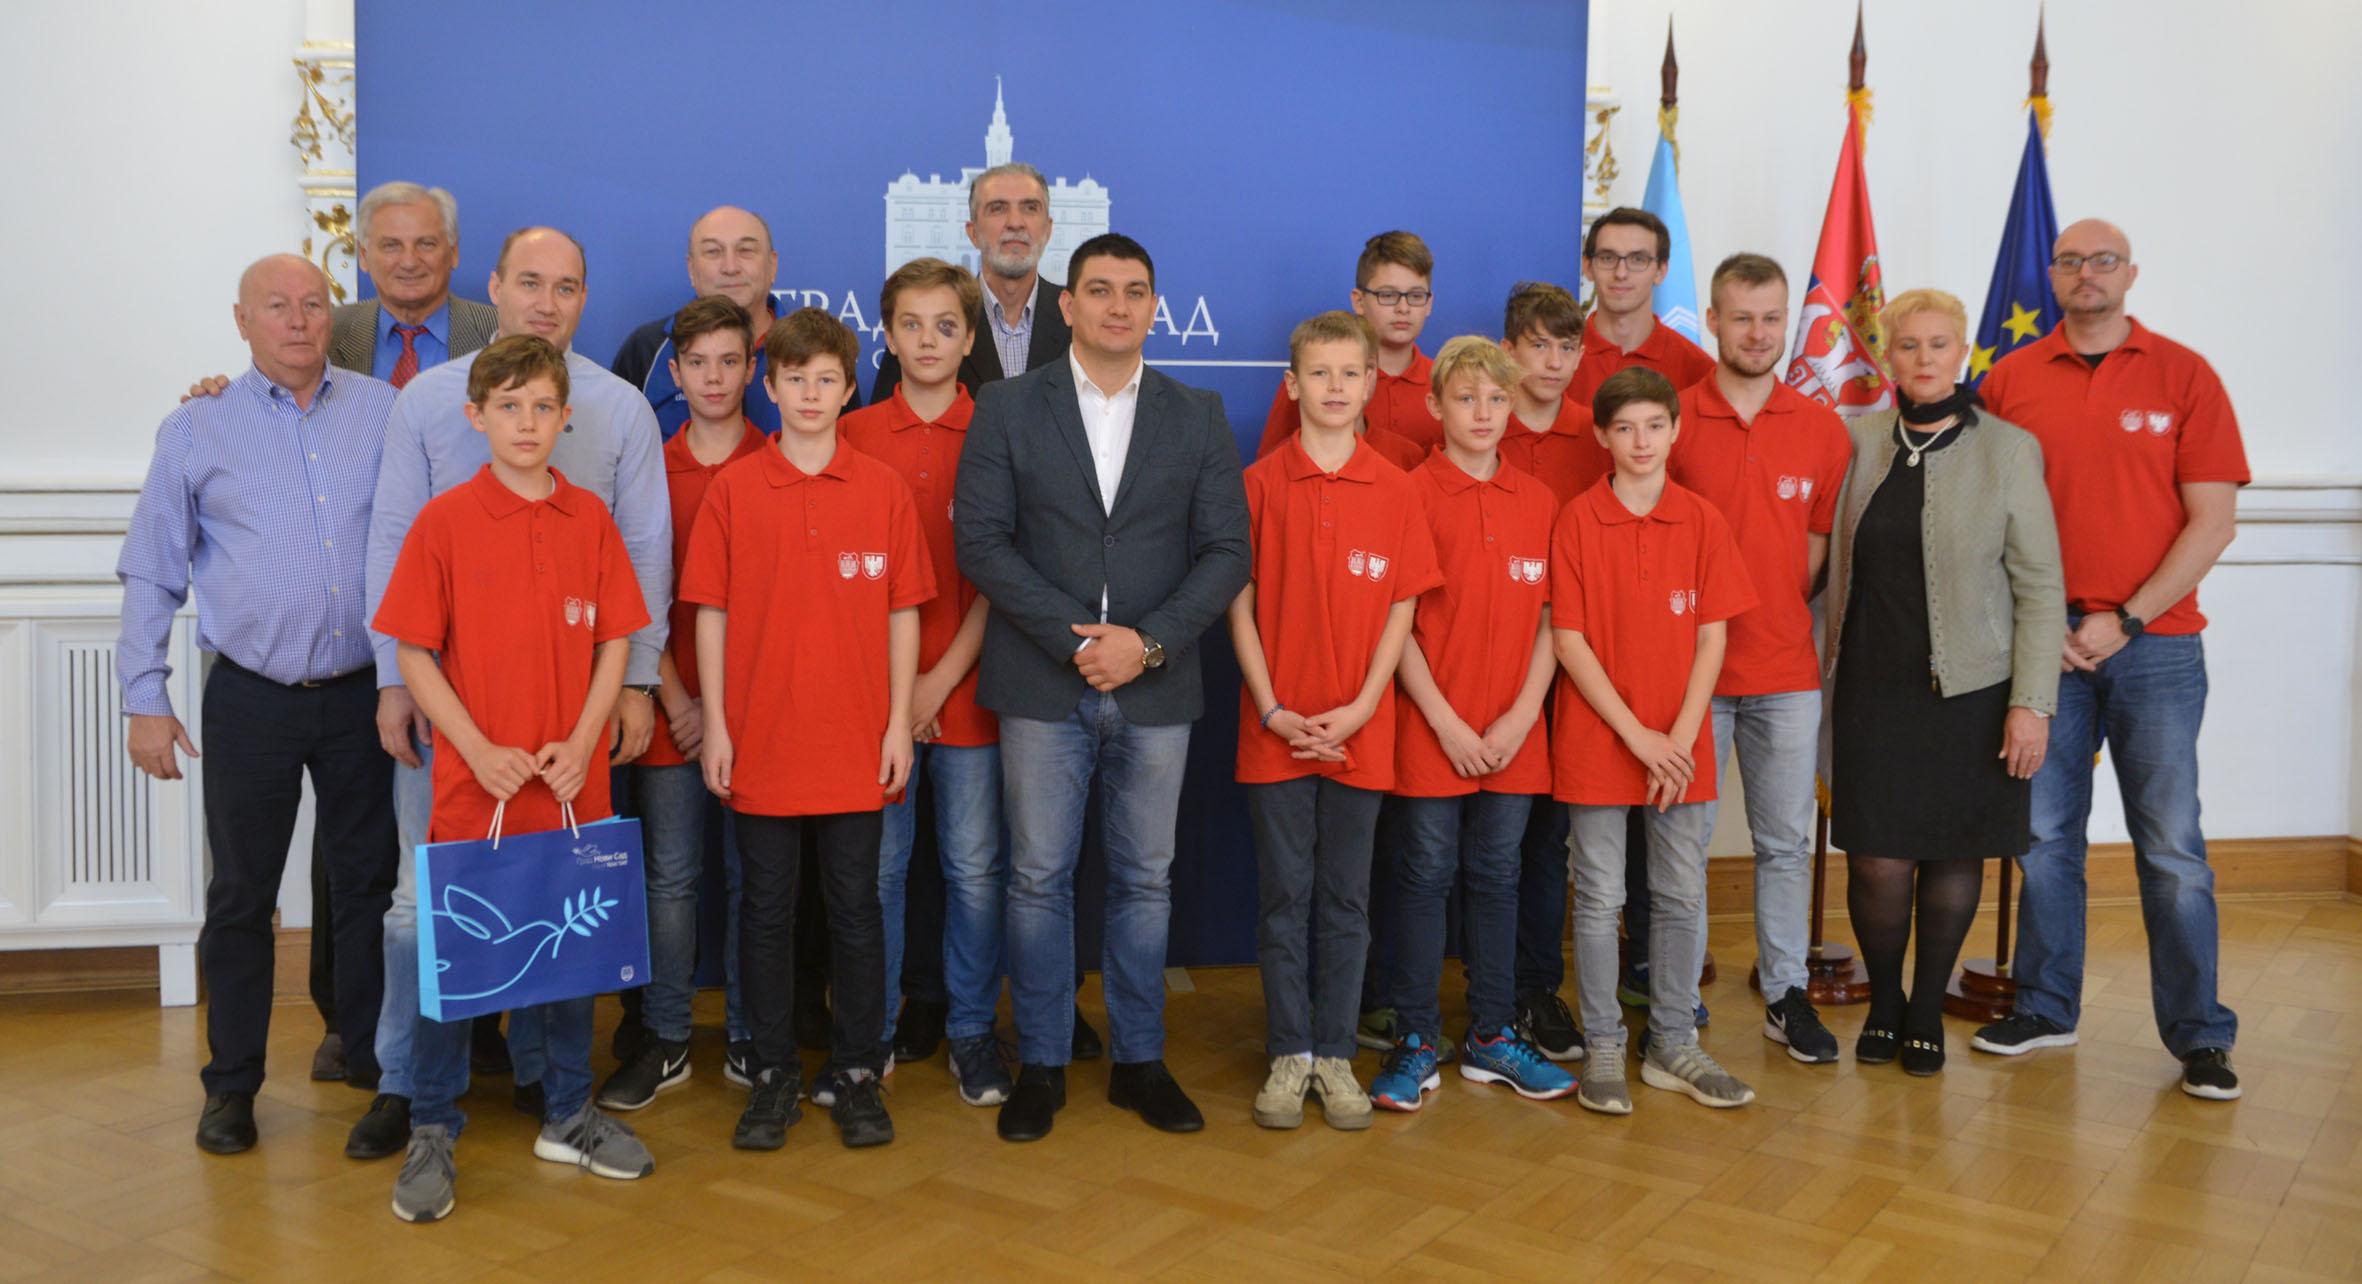 Mladi rukometaši iz Dortmunda u poseti Novom Sadu